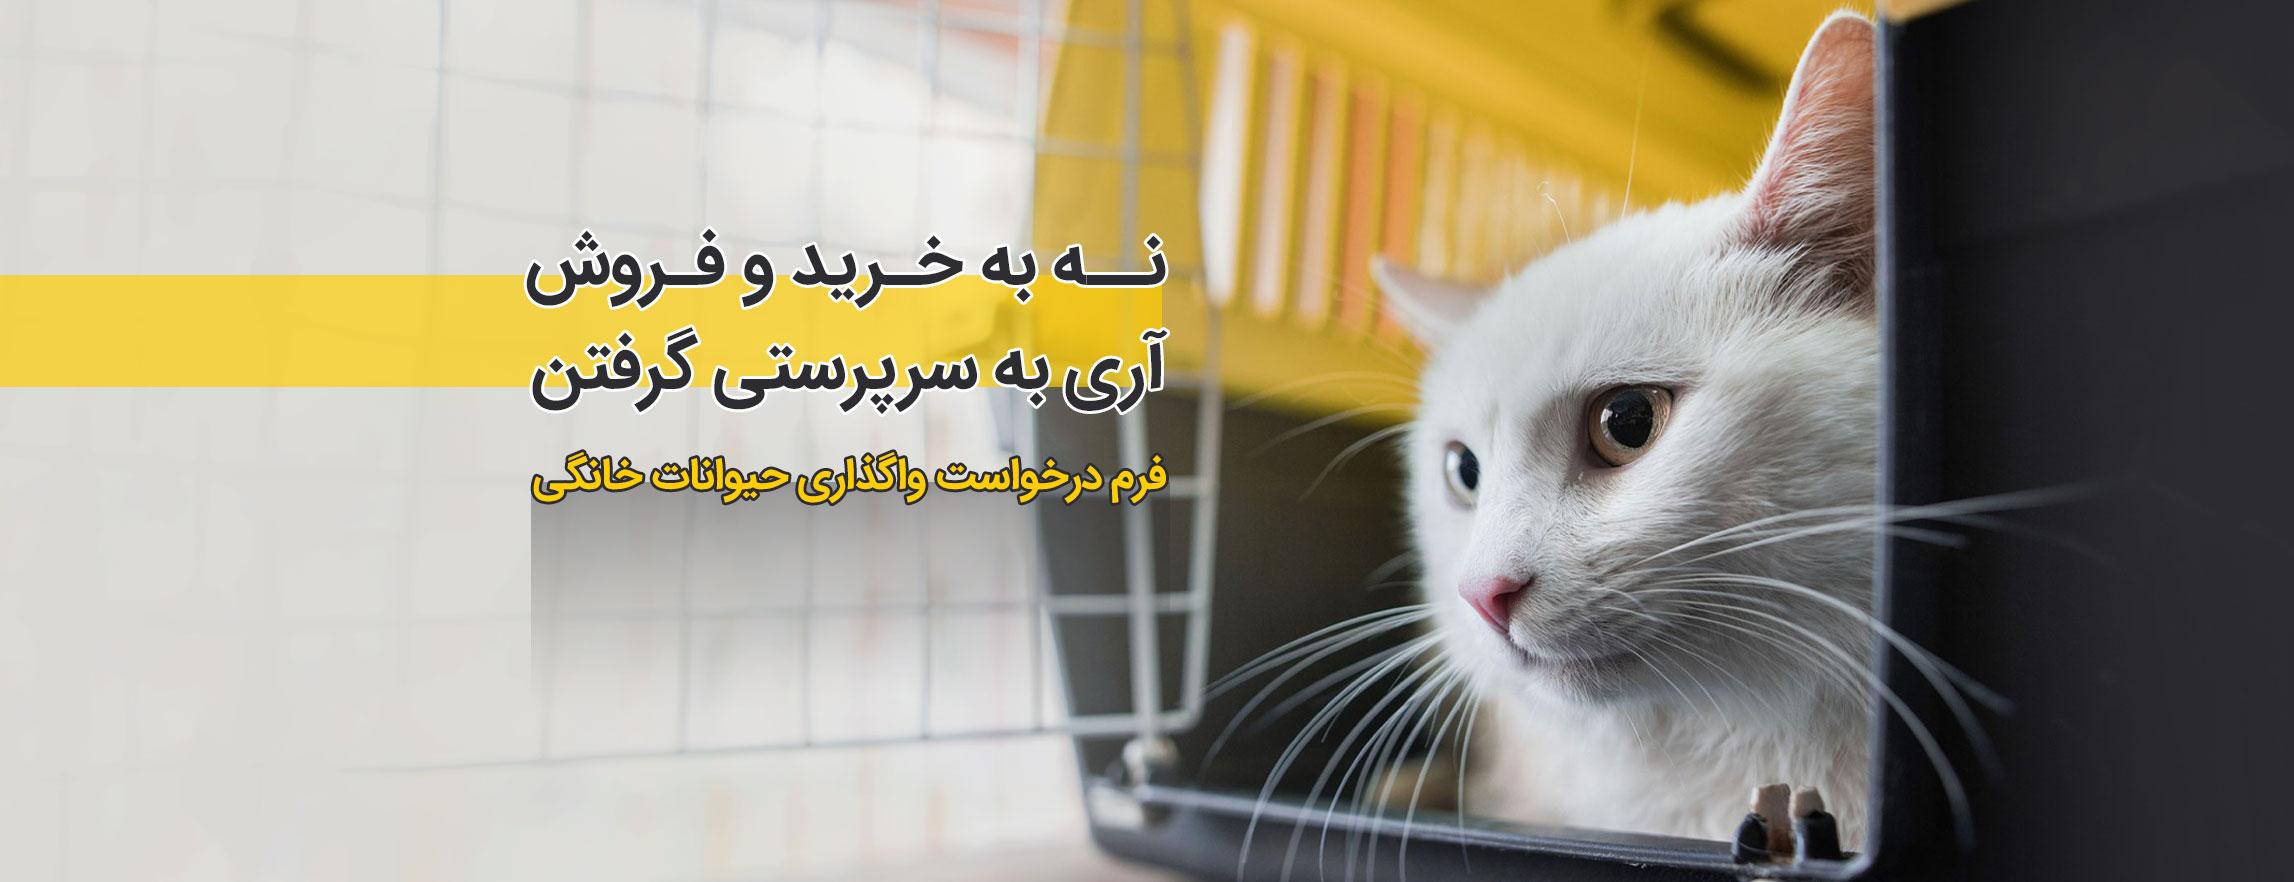 درخواست واگذاری حیوانات